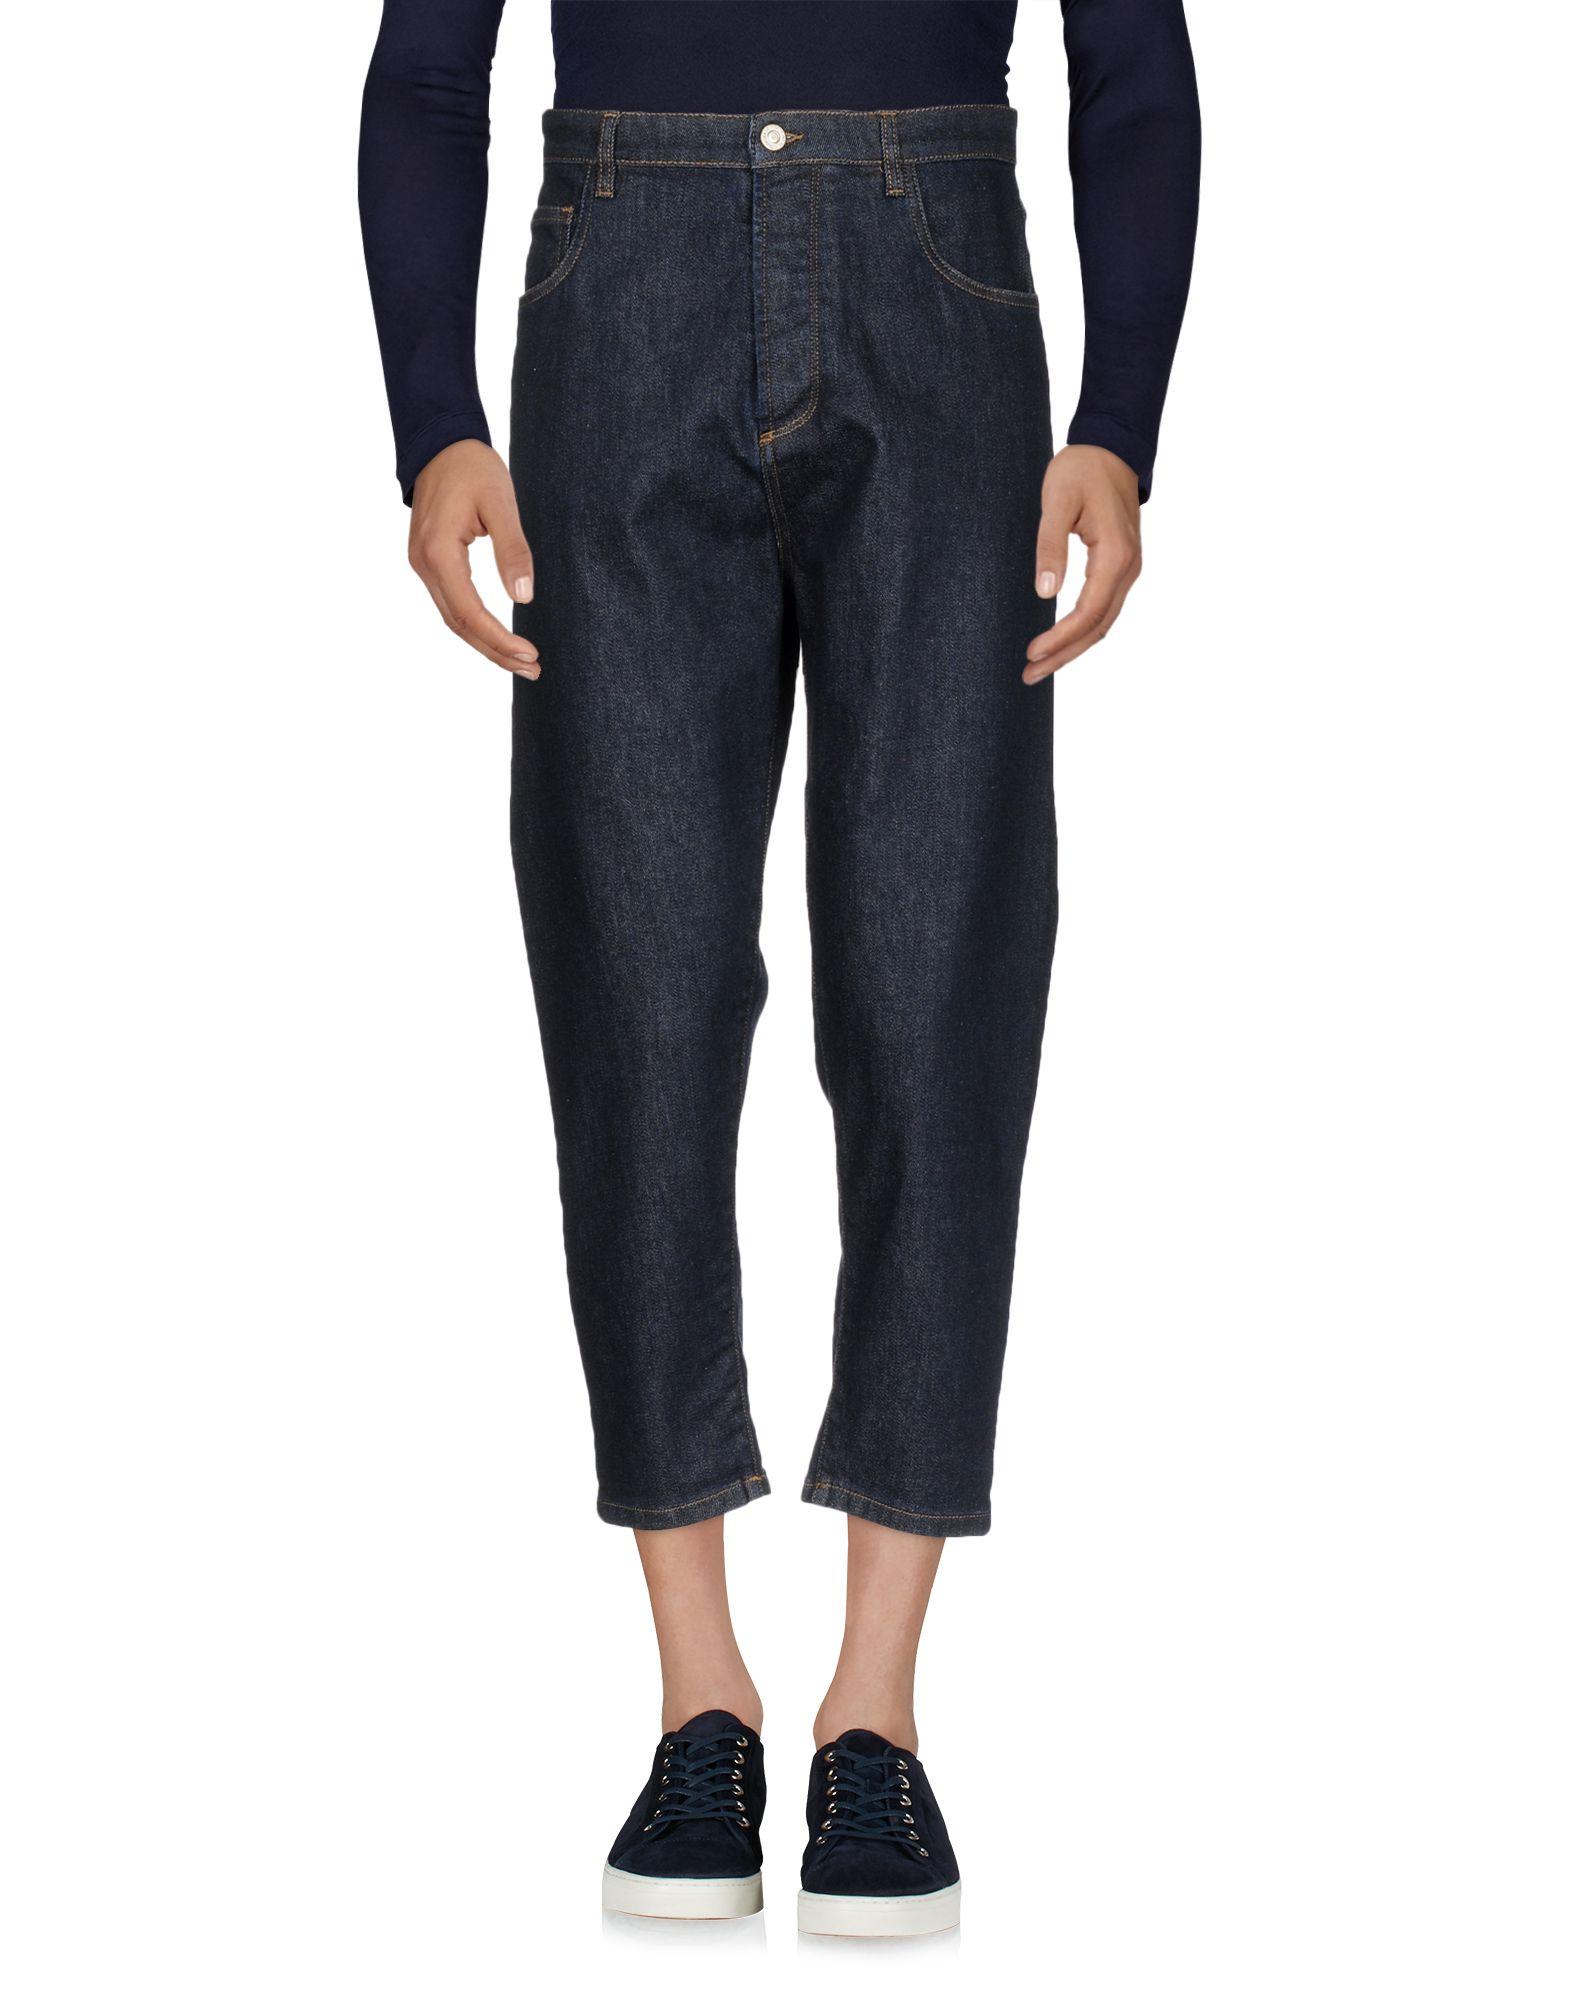 Pantaloni Jeans Officina 42671057SA 36 Uomo - 42671057SA Officina 4e9c5c